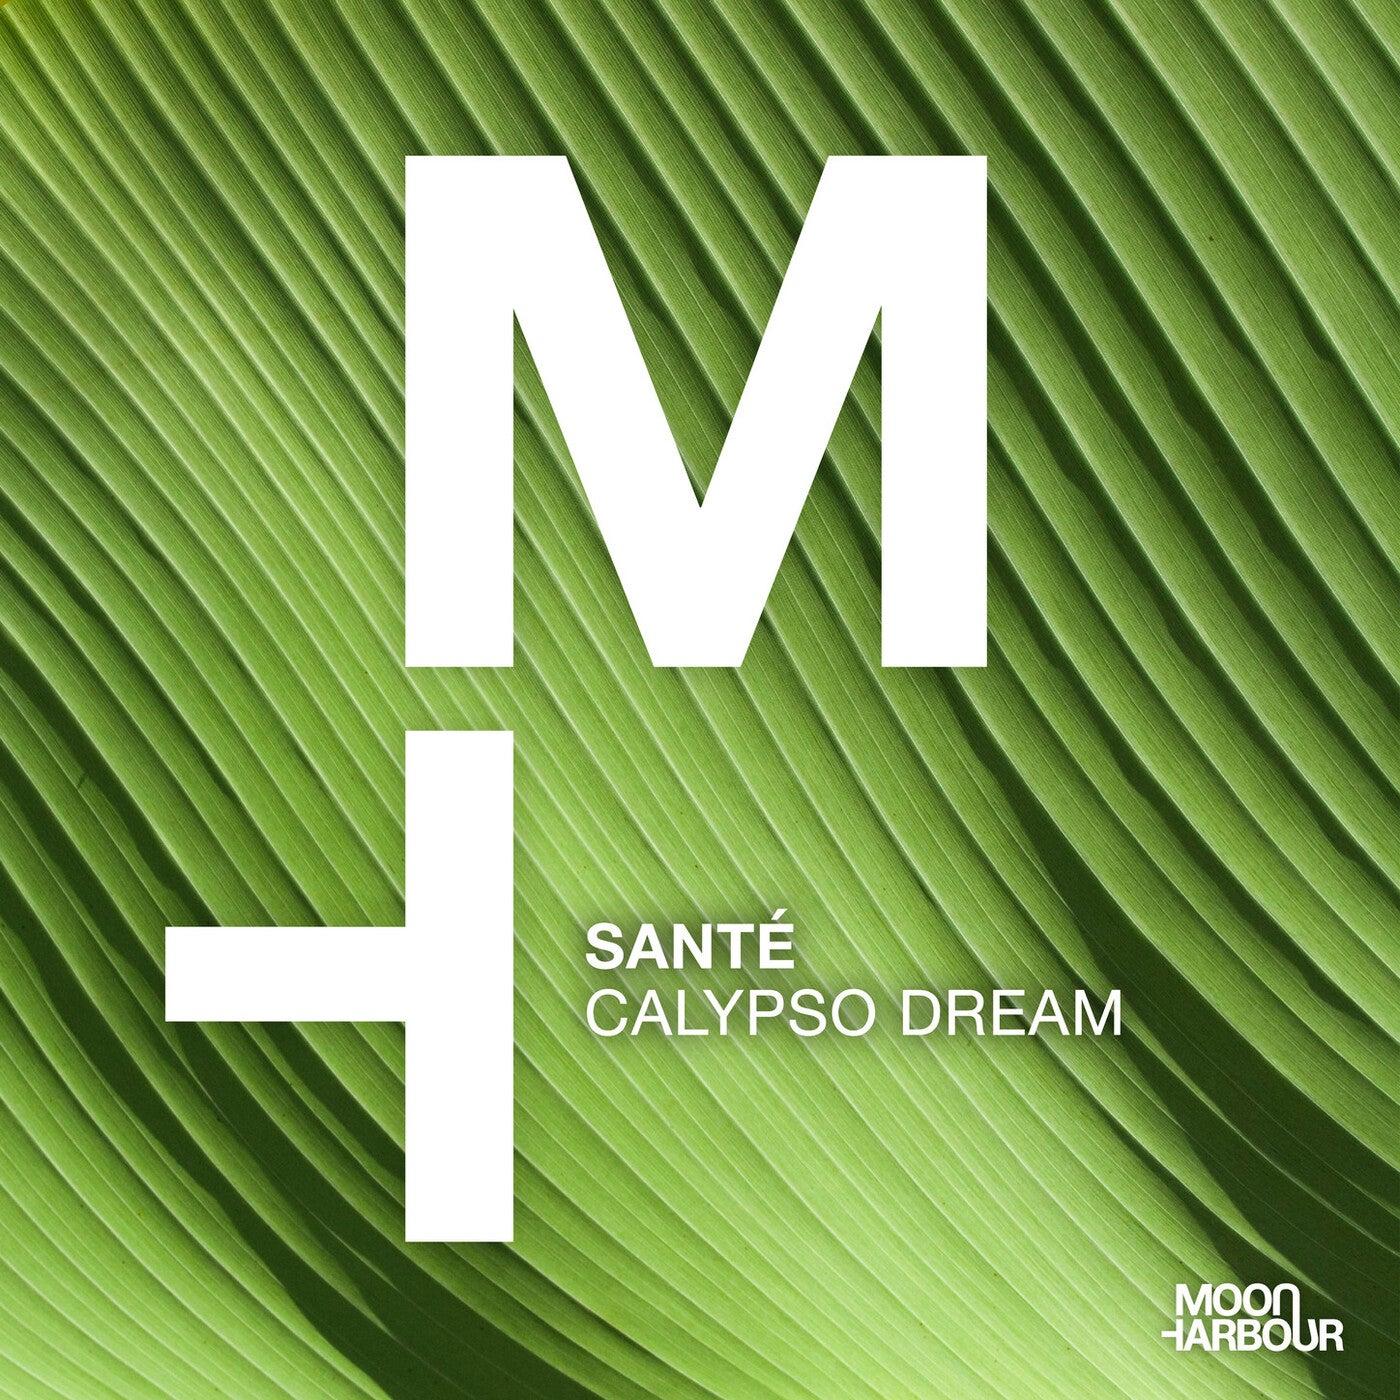 Calypso Dream (Original Mix)